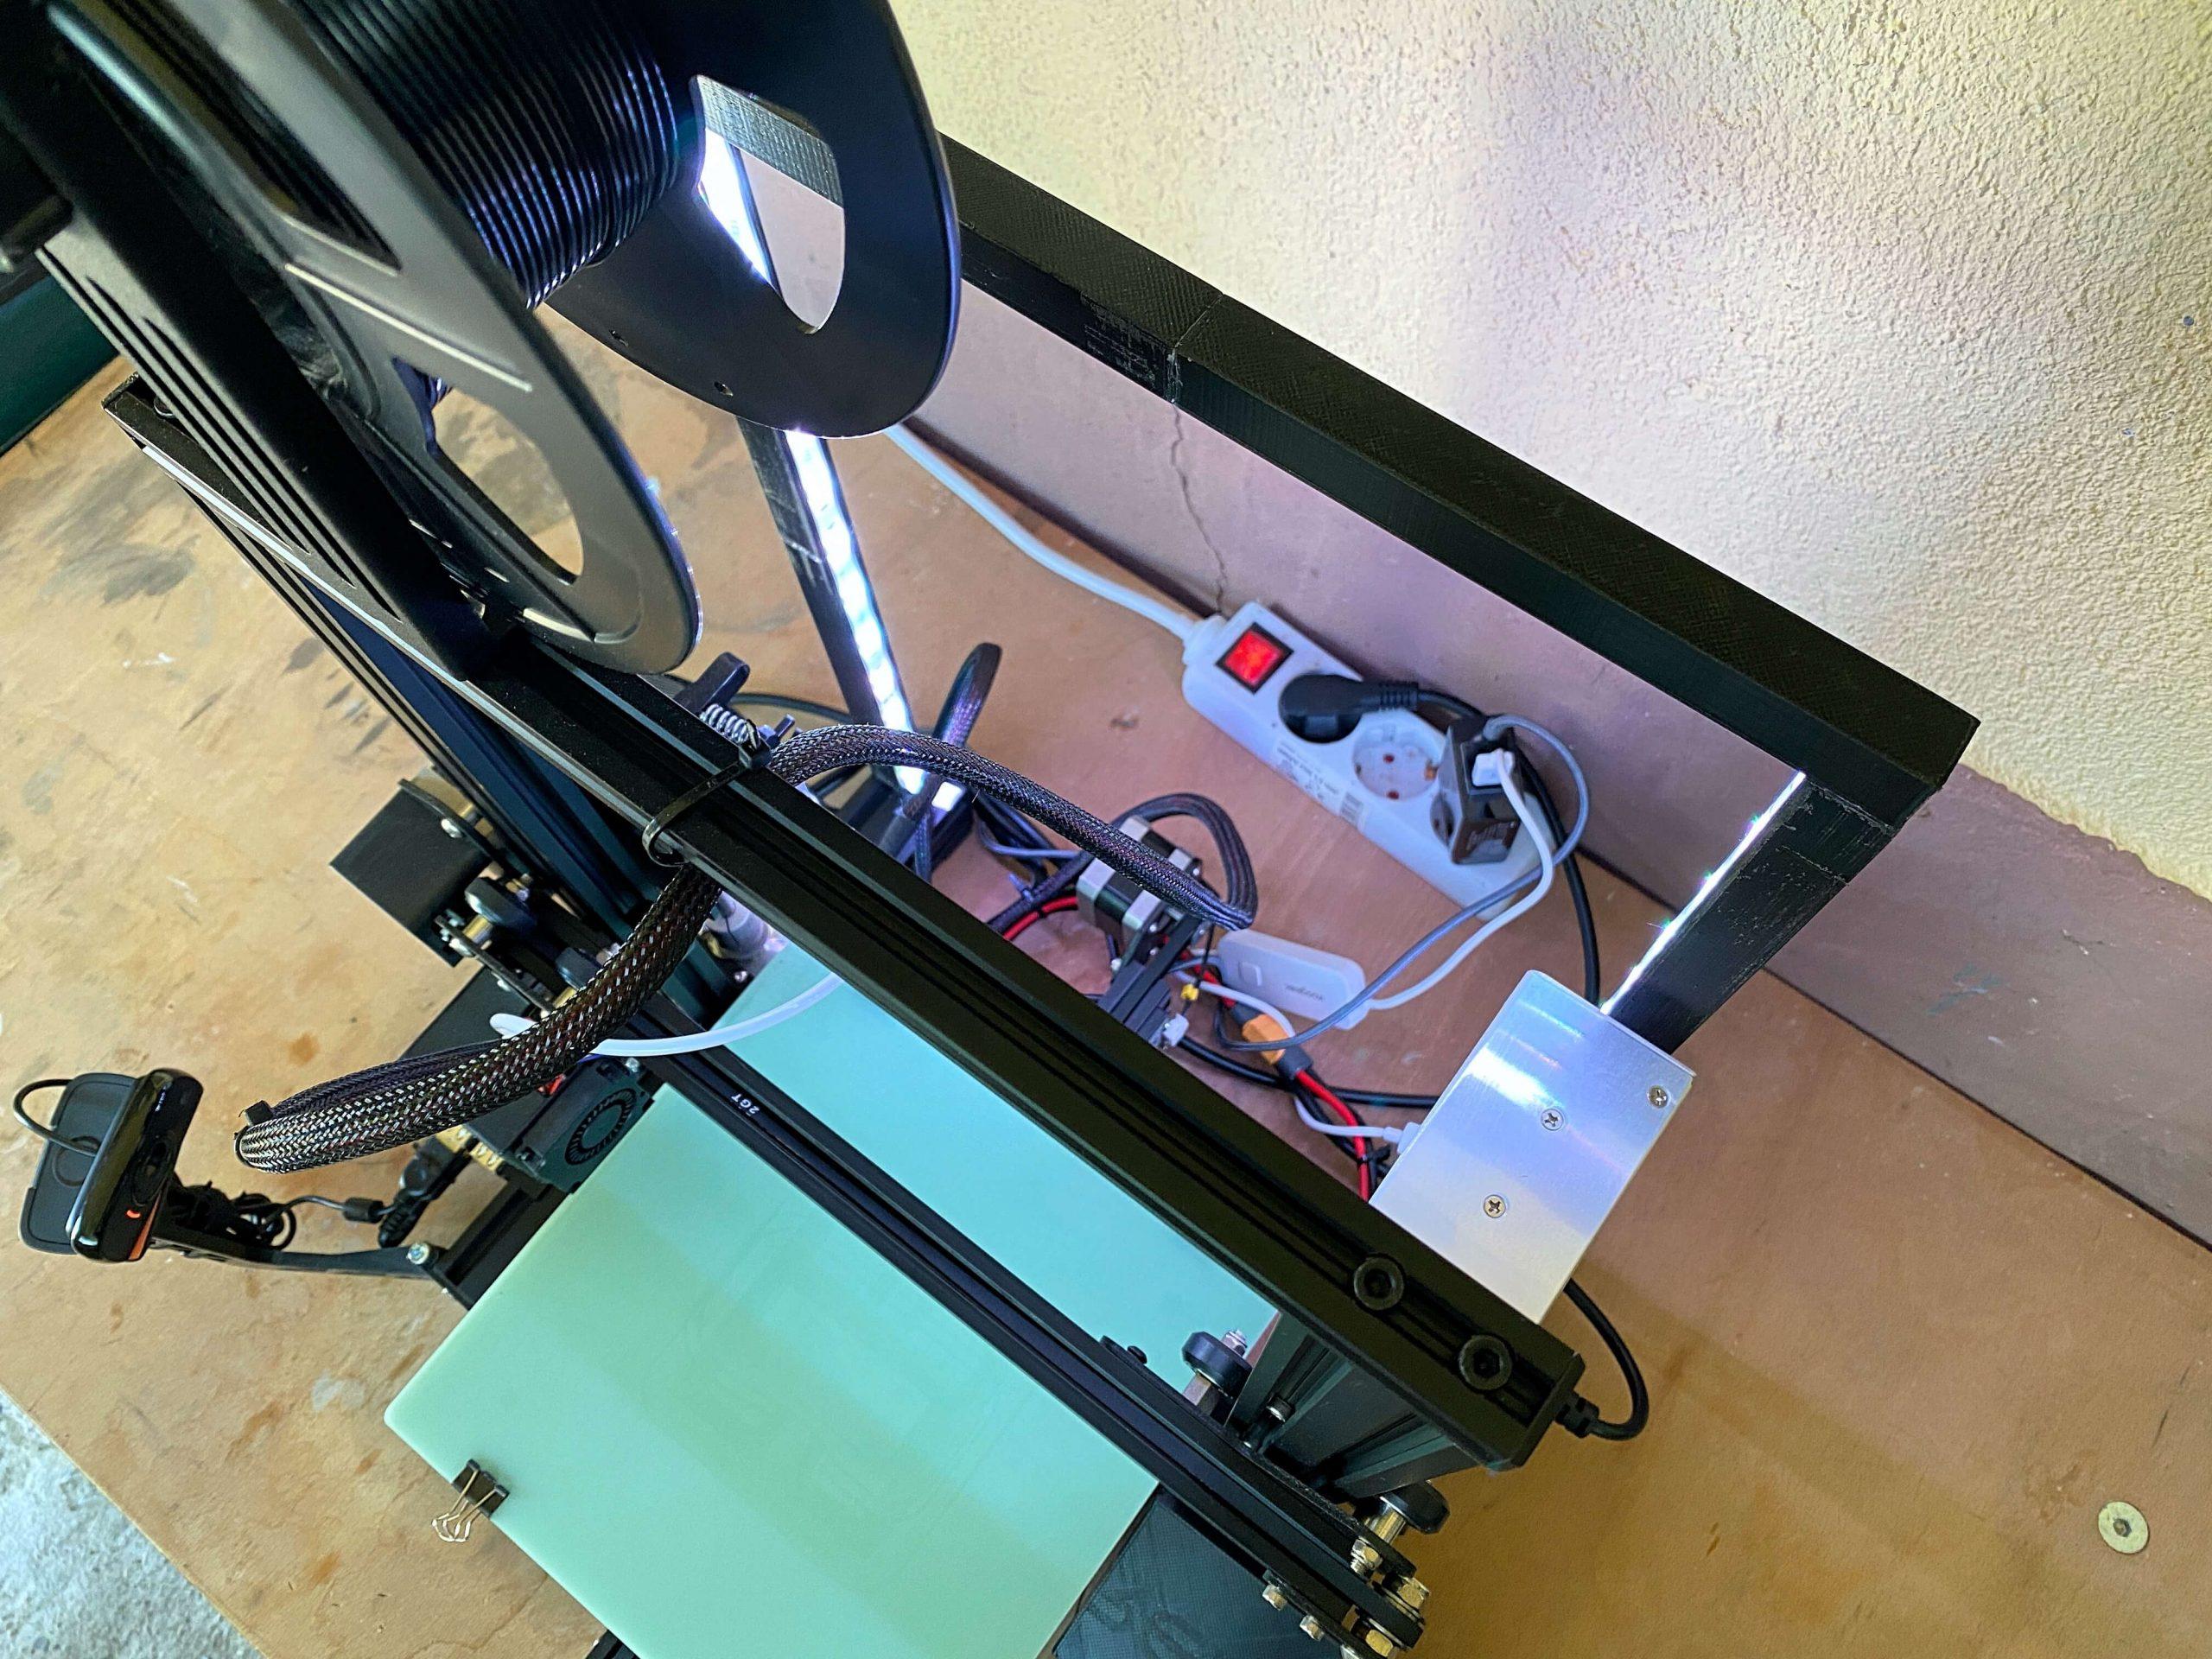 Ender-3-von-Creality-der-3D-Drucker-für-den-Einsteiger-und-Fortgeschrittenen3-scaled Ender 3 von Creality - der 3D-Drucker für den Einsteiger und Fortgeschrittenen